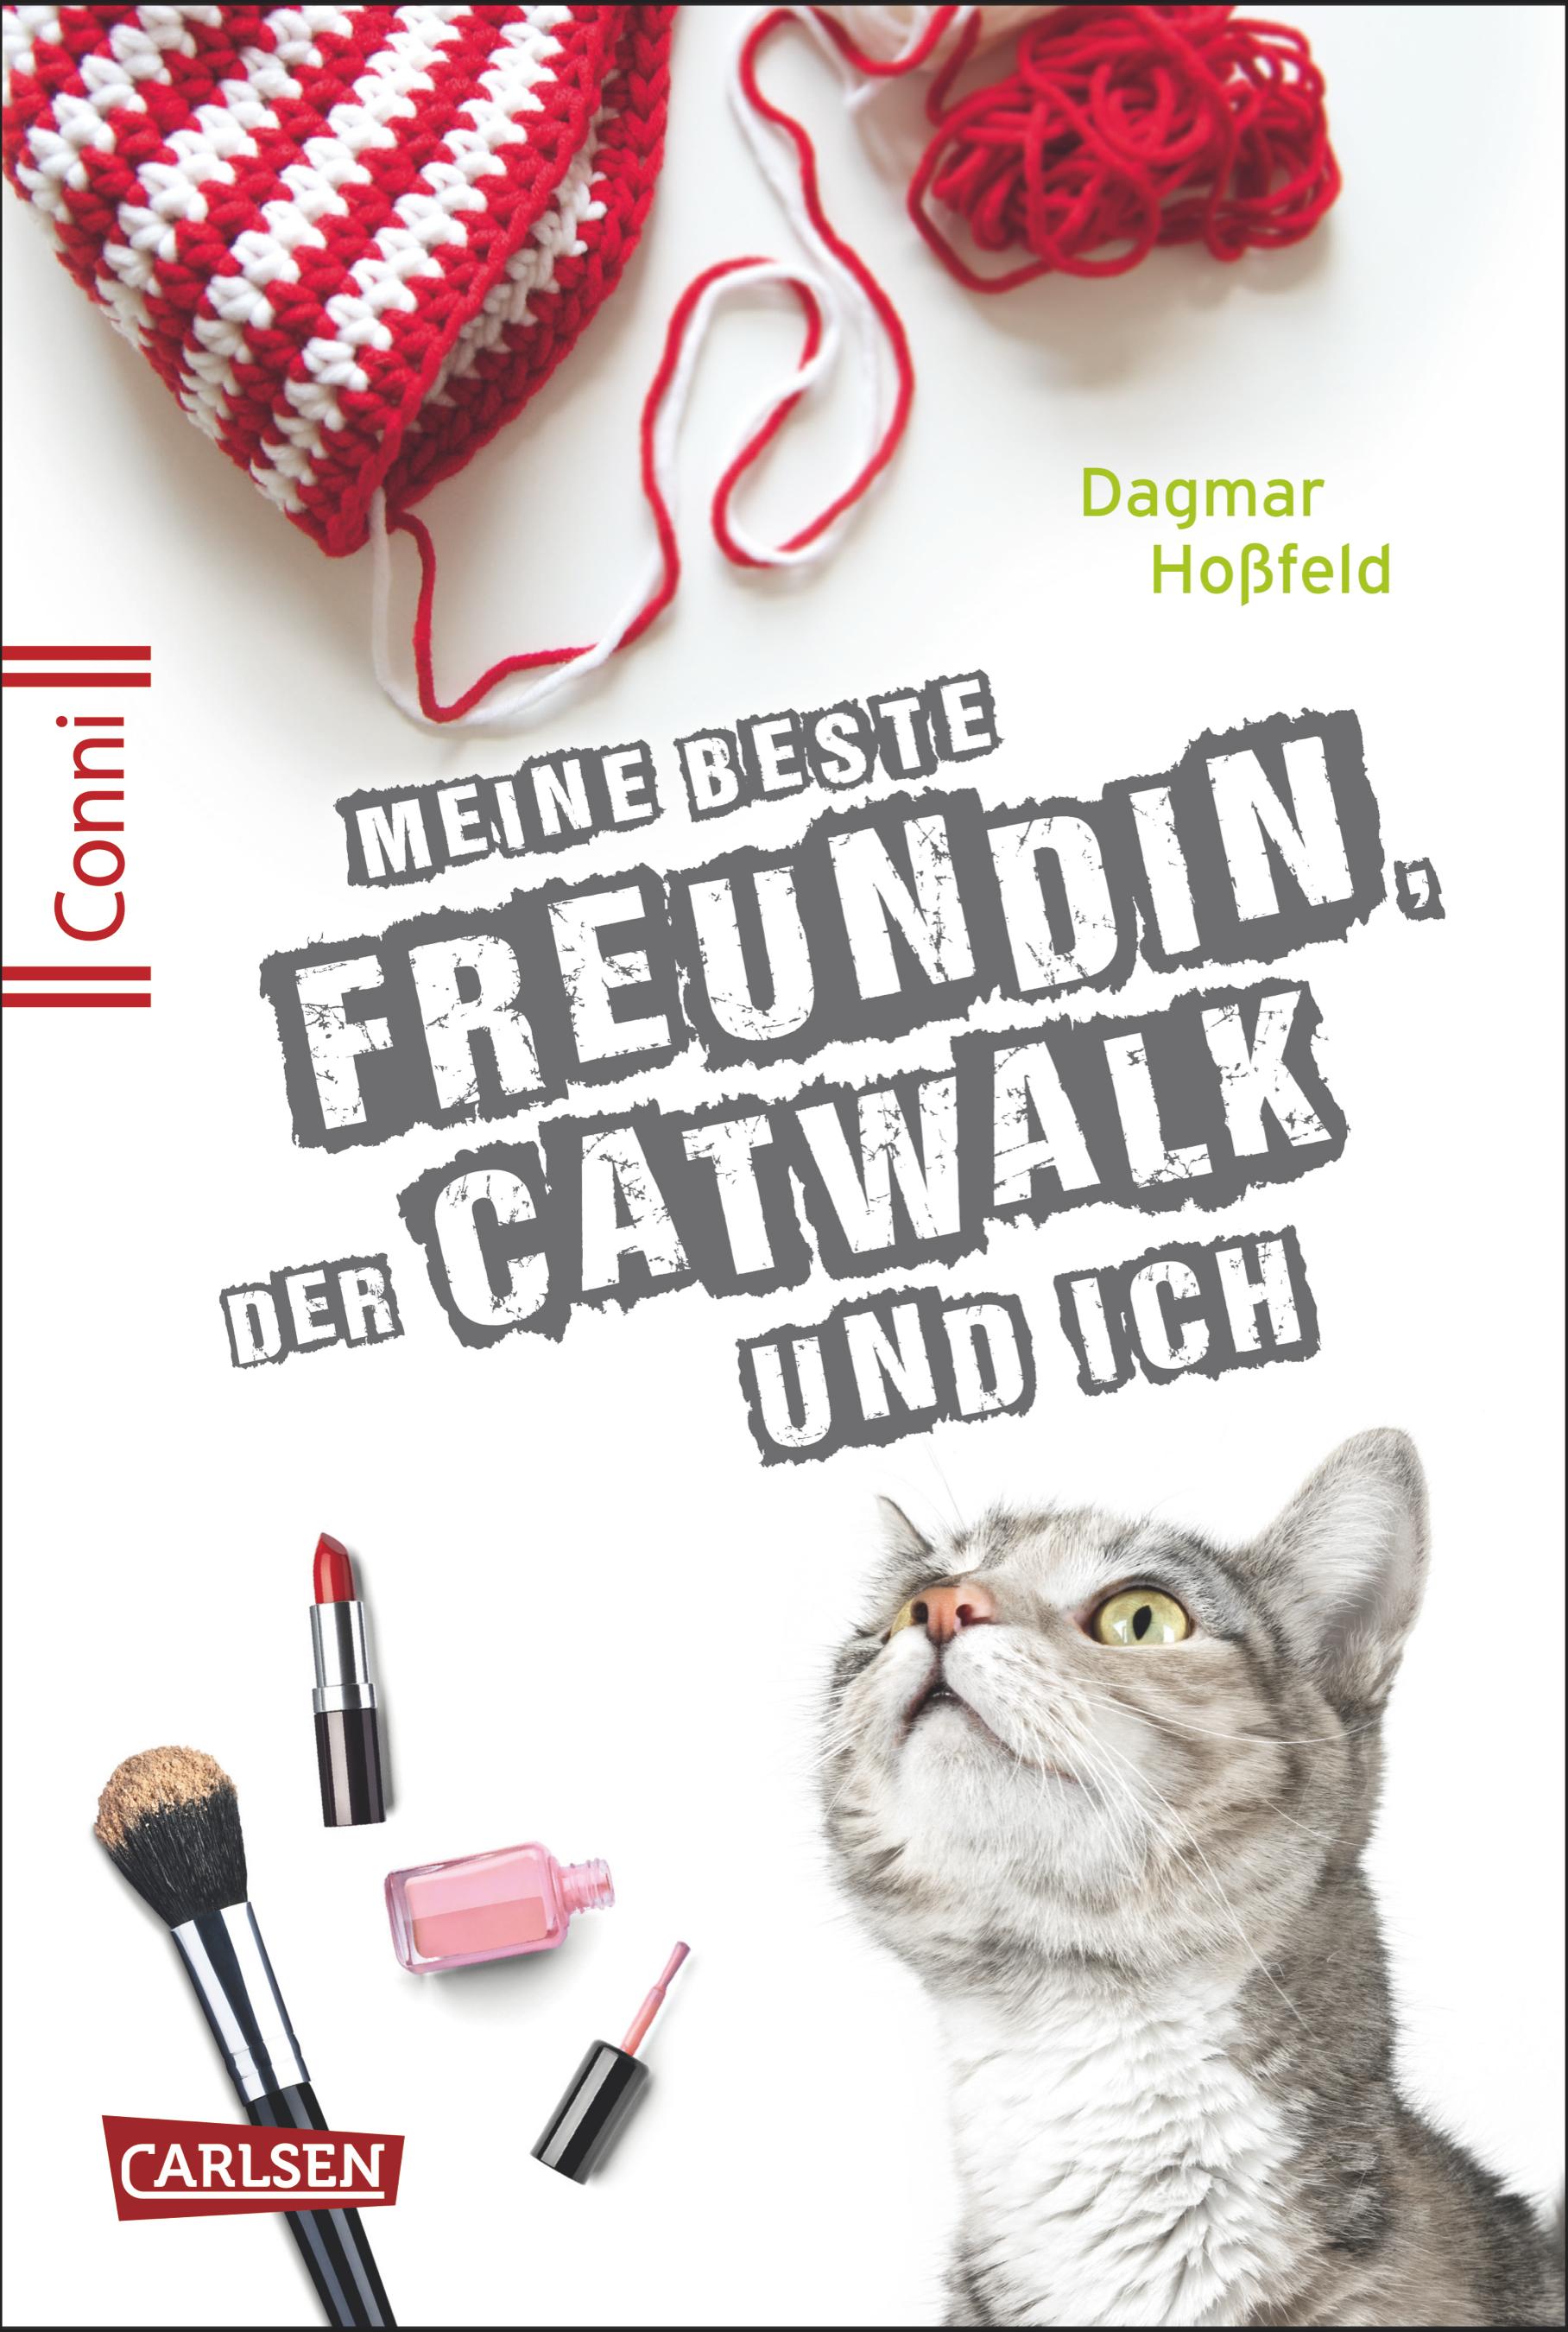 Conni 15: Band 3 - Meine beste Freundin, der Catwalk und ich - Dagmar Hoßfeld